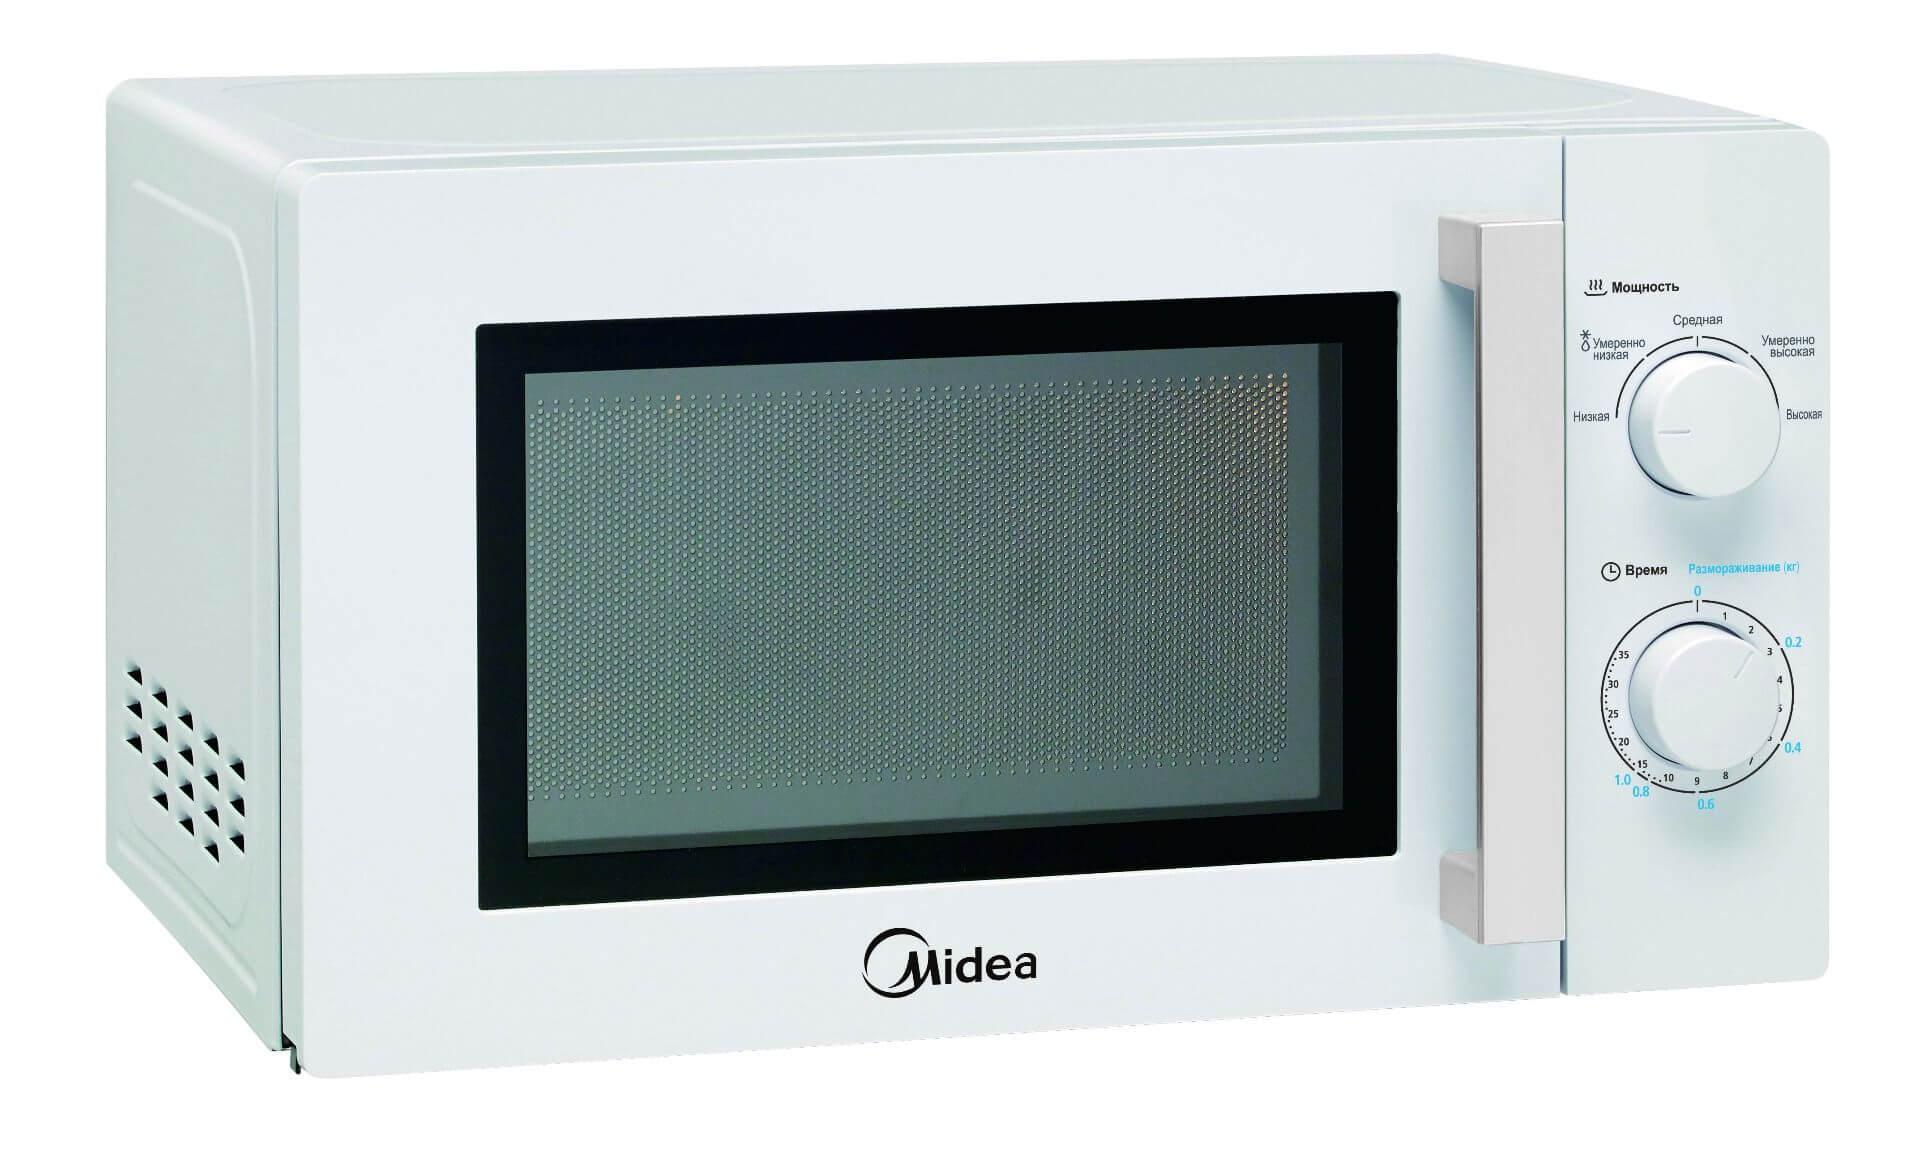 Микроволновая печь Midea MM720CY6-W фото